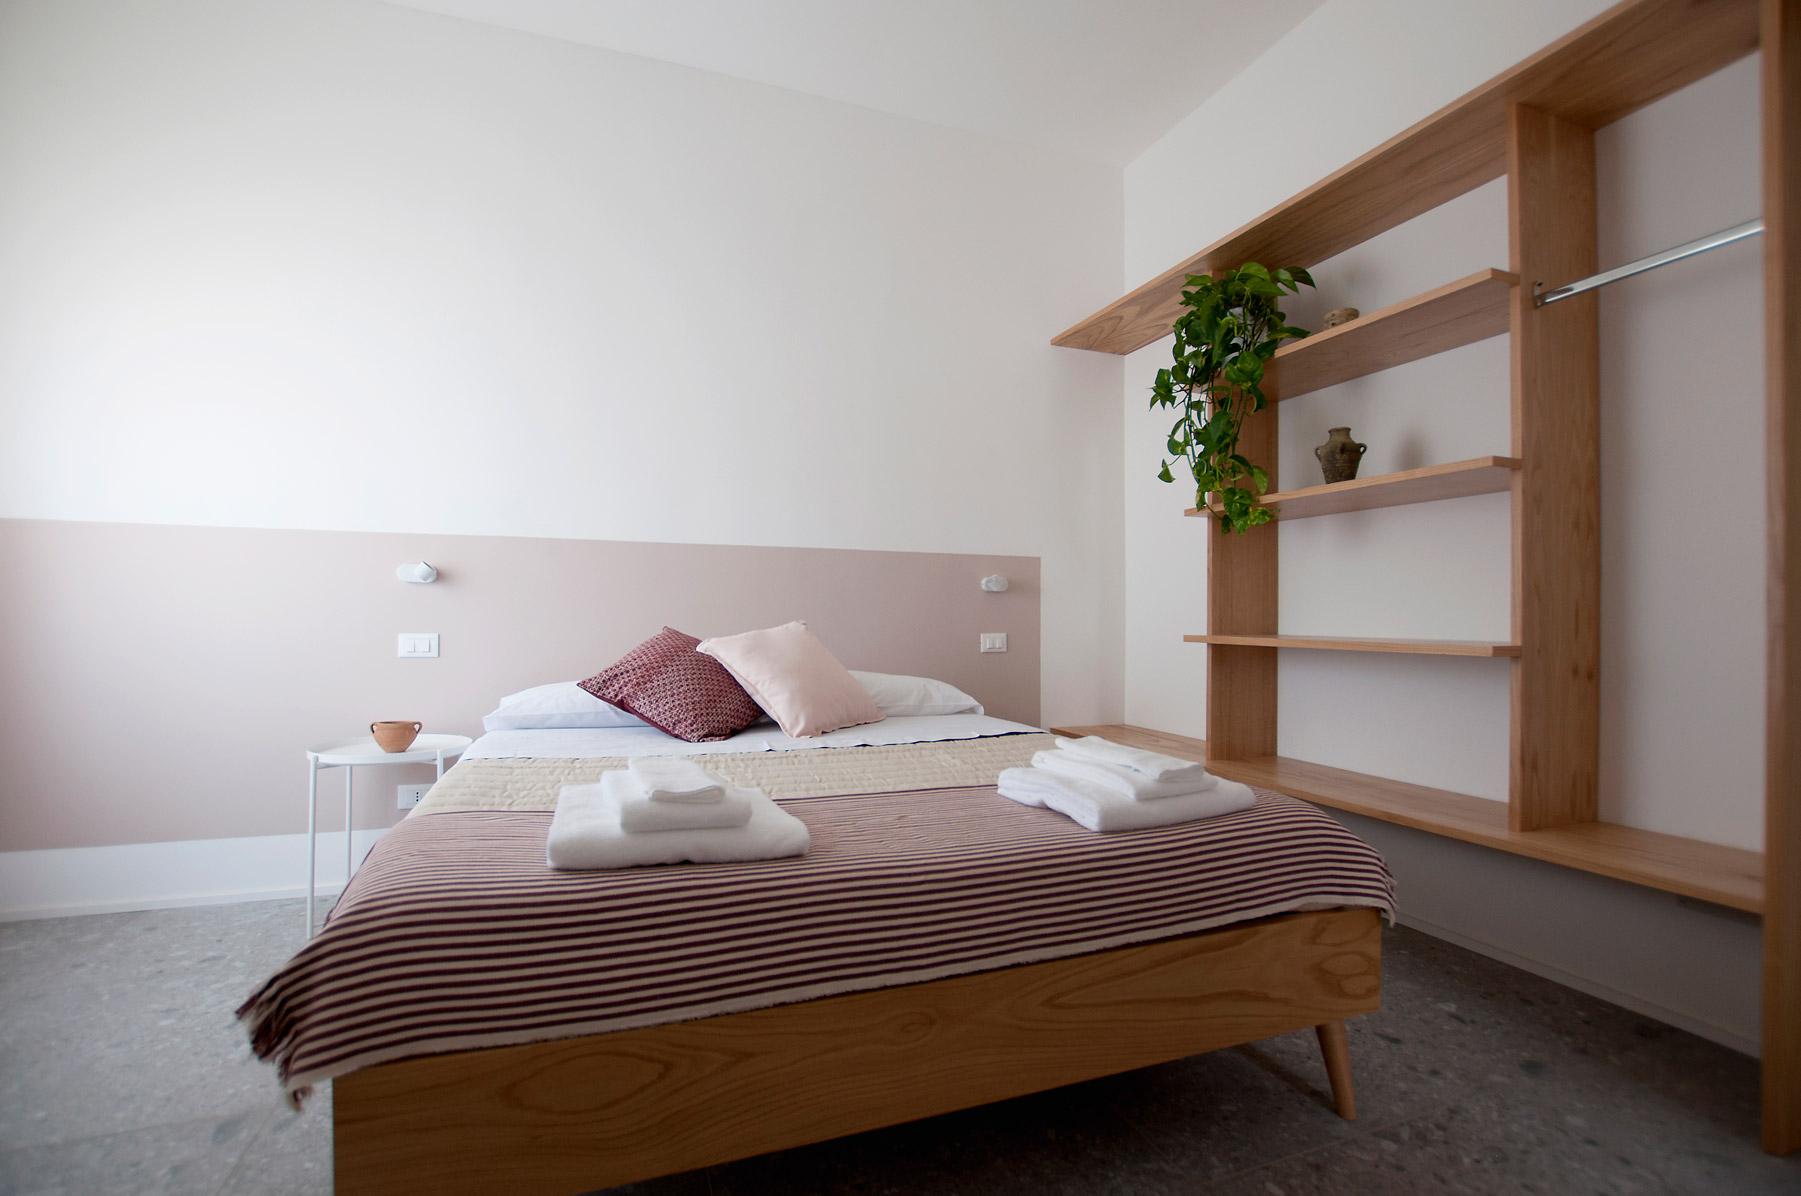 dettaglio-letto-camera-3-casa27-b&b-terracina